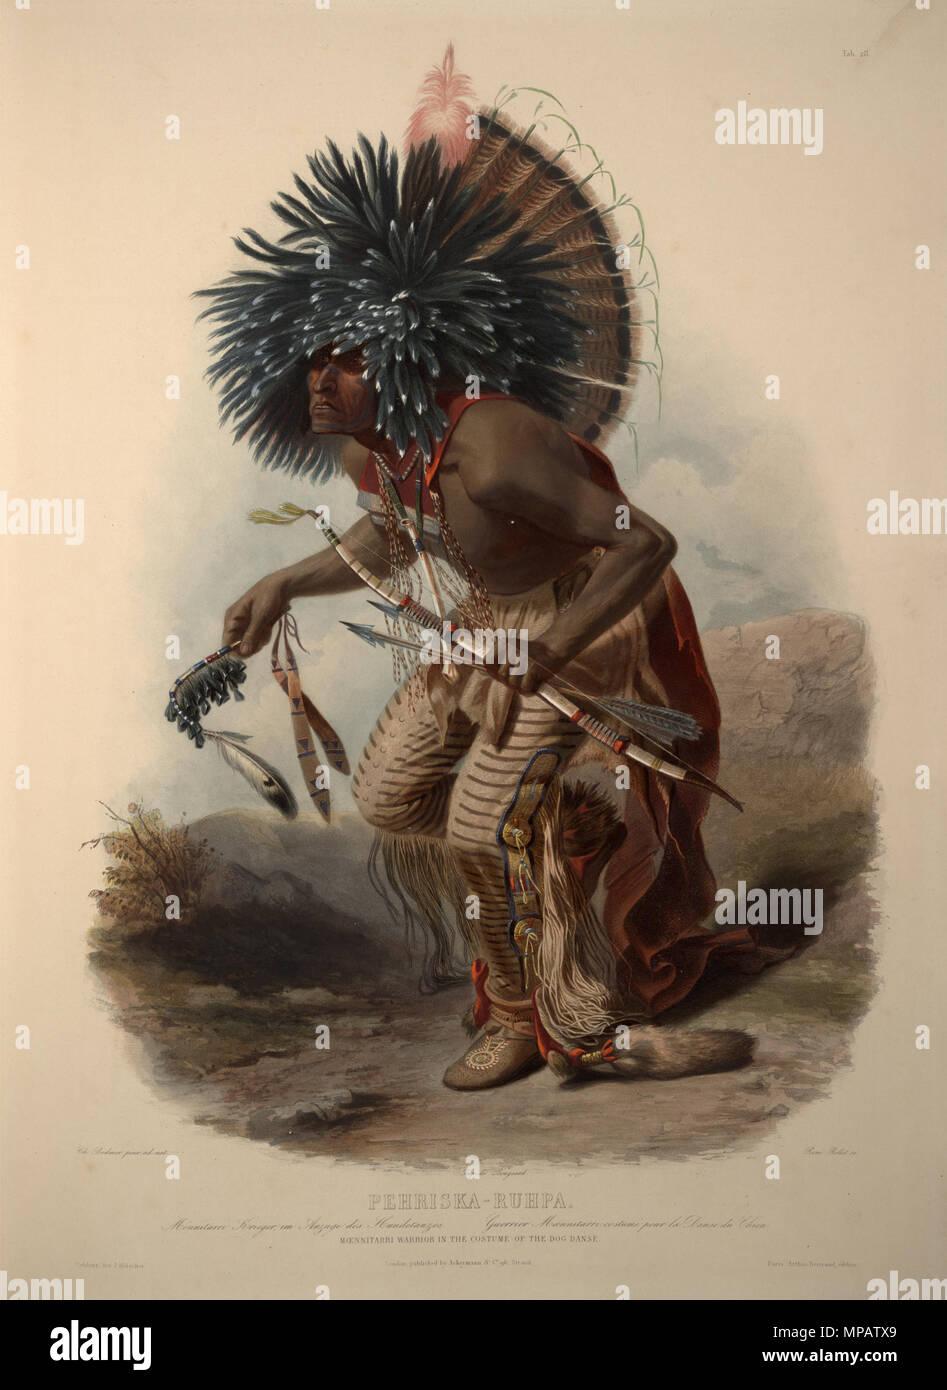 Moenitarri warrior in the costume of the dog danse   between